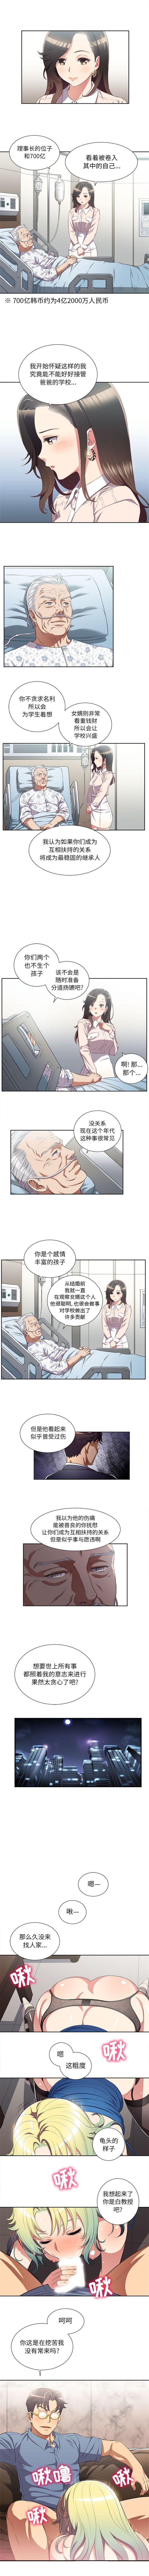 由莉的秘密1-60 中文翻译 (更新中) 190